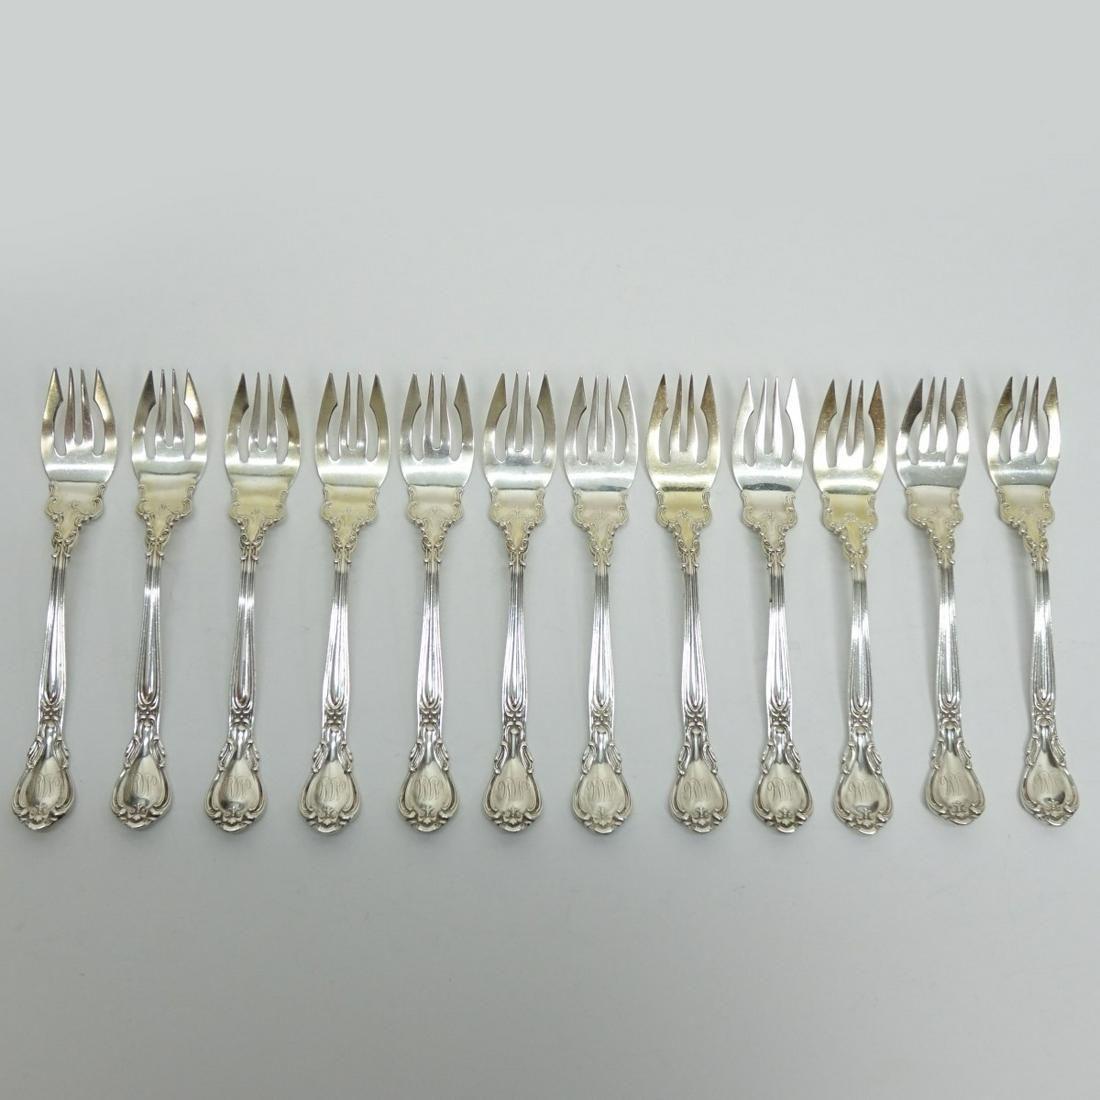 Gorham Fish Forks